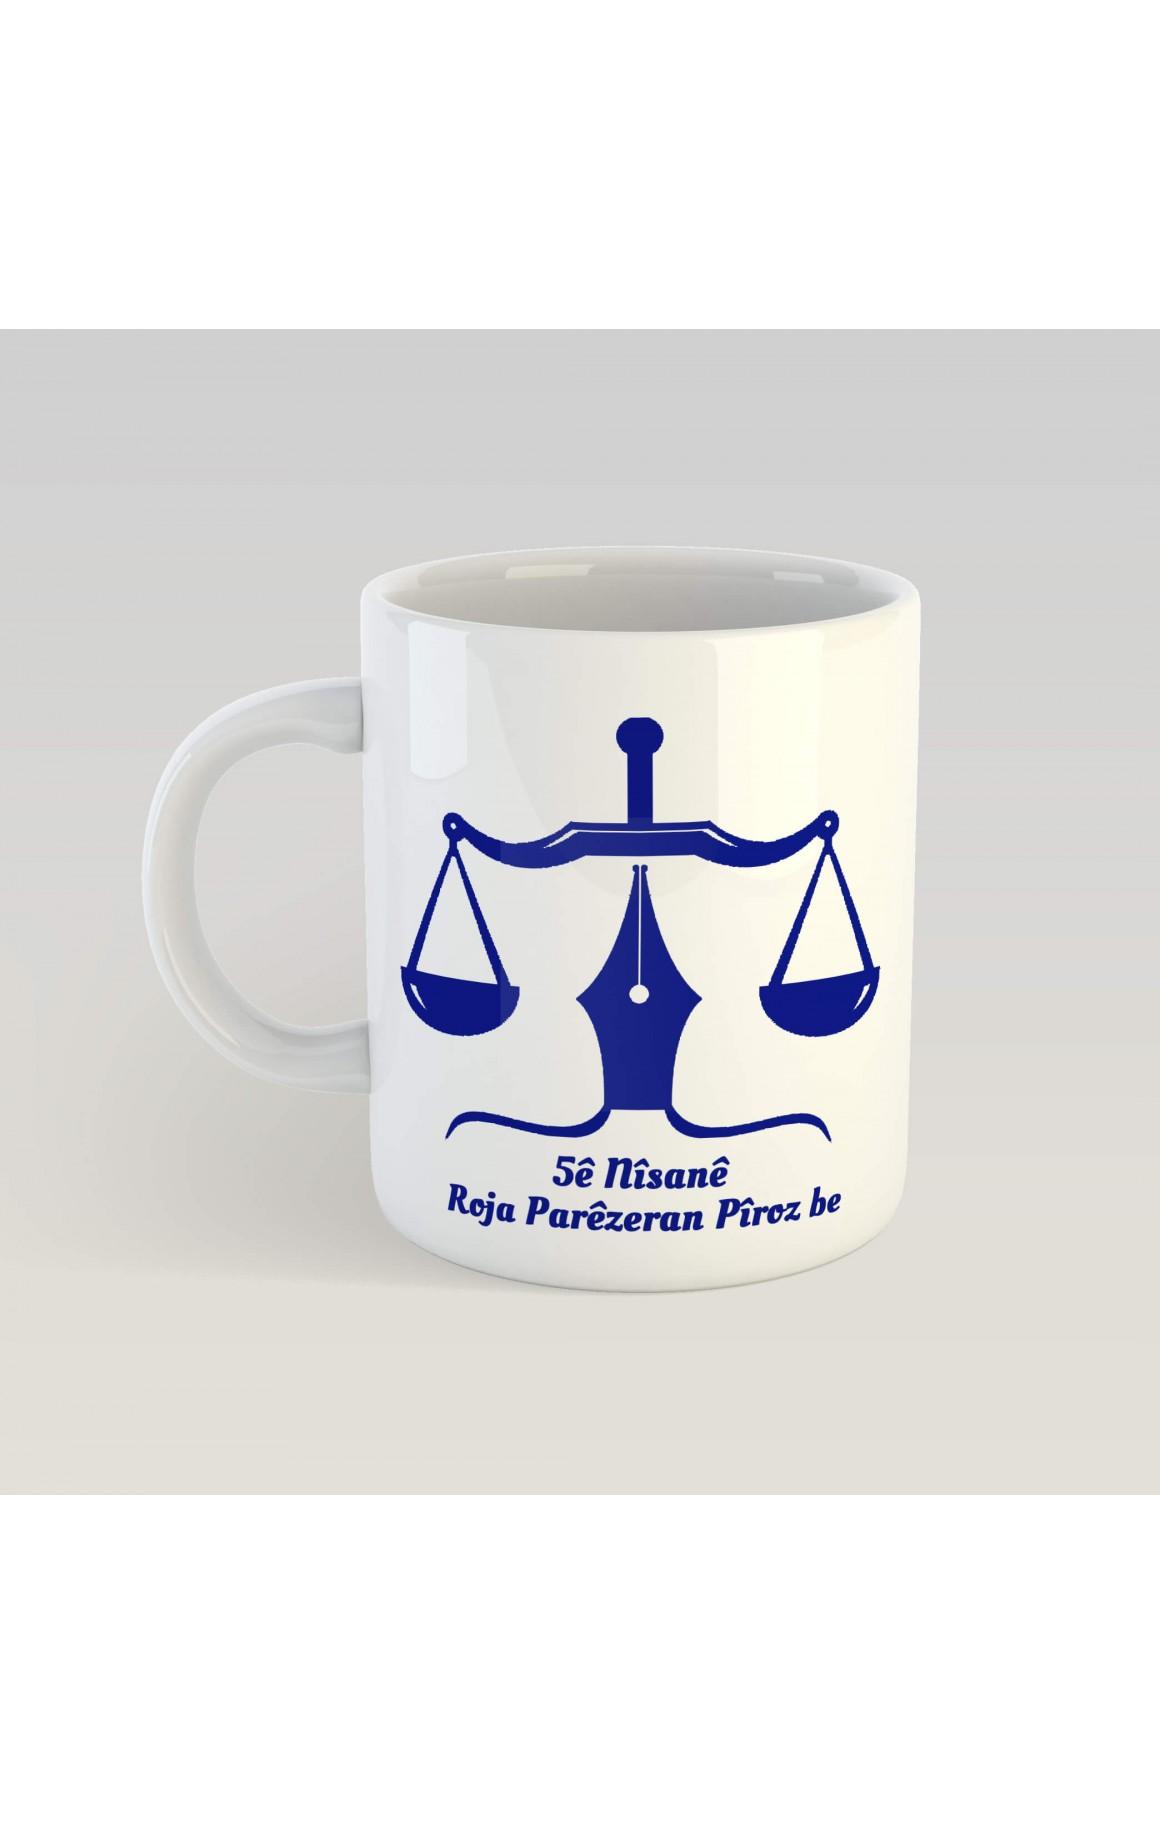 Porselen Kupa - 5ê Nîsanê Roja Parêzeran